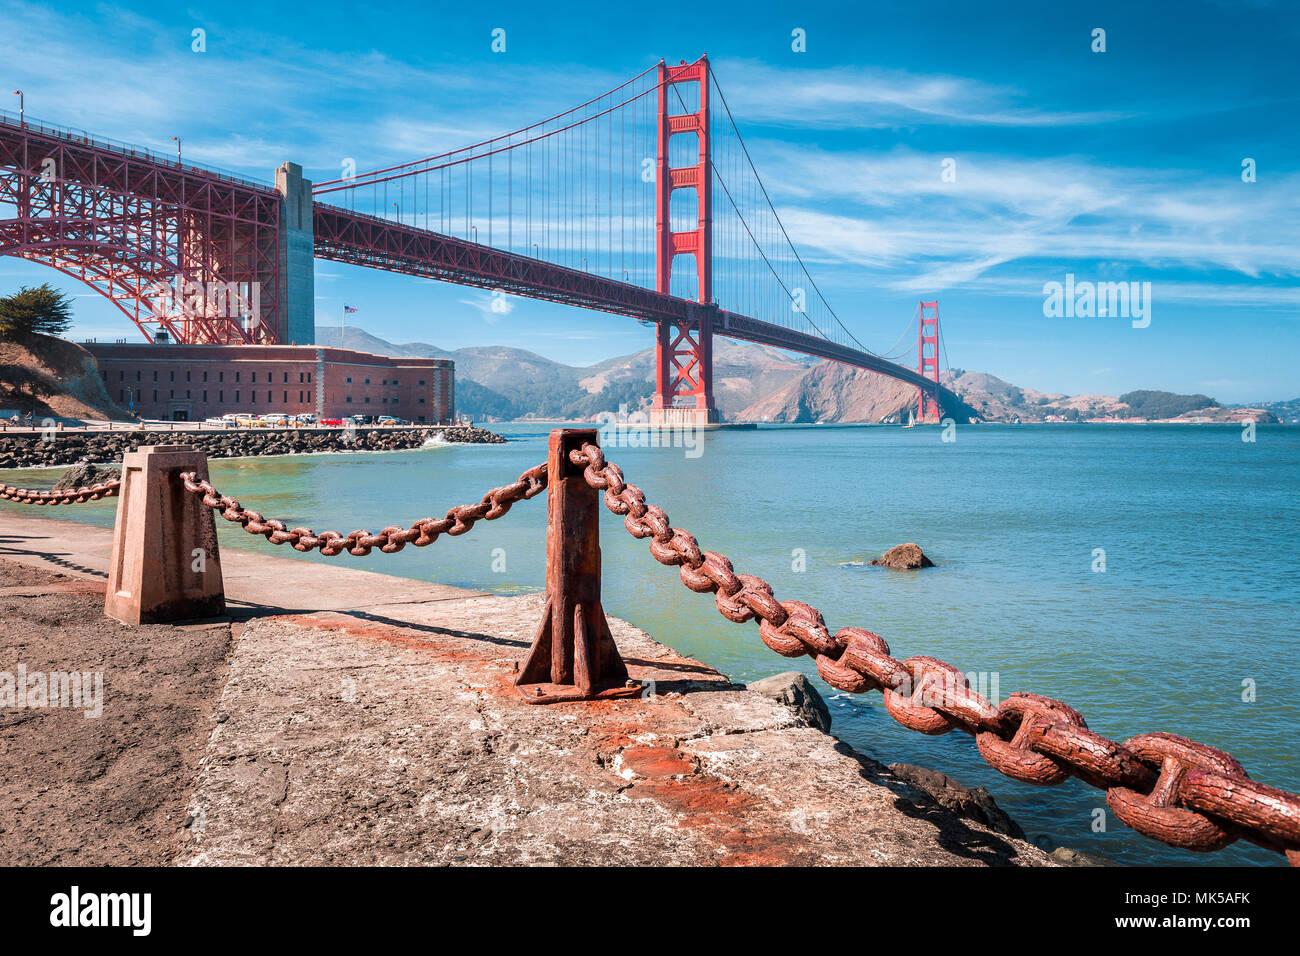 Klassische Ansicht der berühmten Golden Gate Bridge mit Fort Point National Historic Site an einem schönen sonnigen Tag mit blauen Himmel und Wolken, San Francisco, USA Stockbild